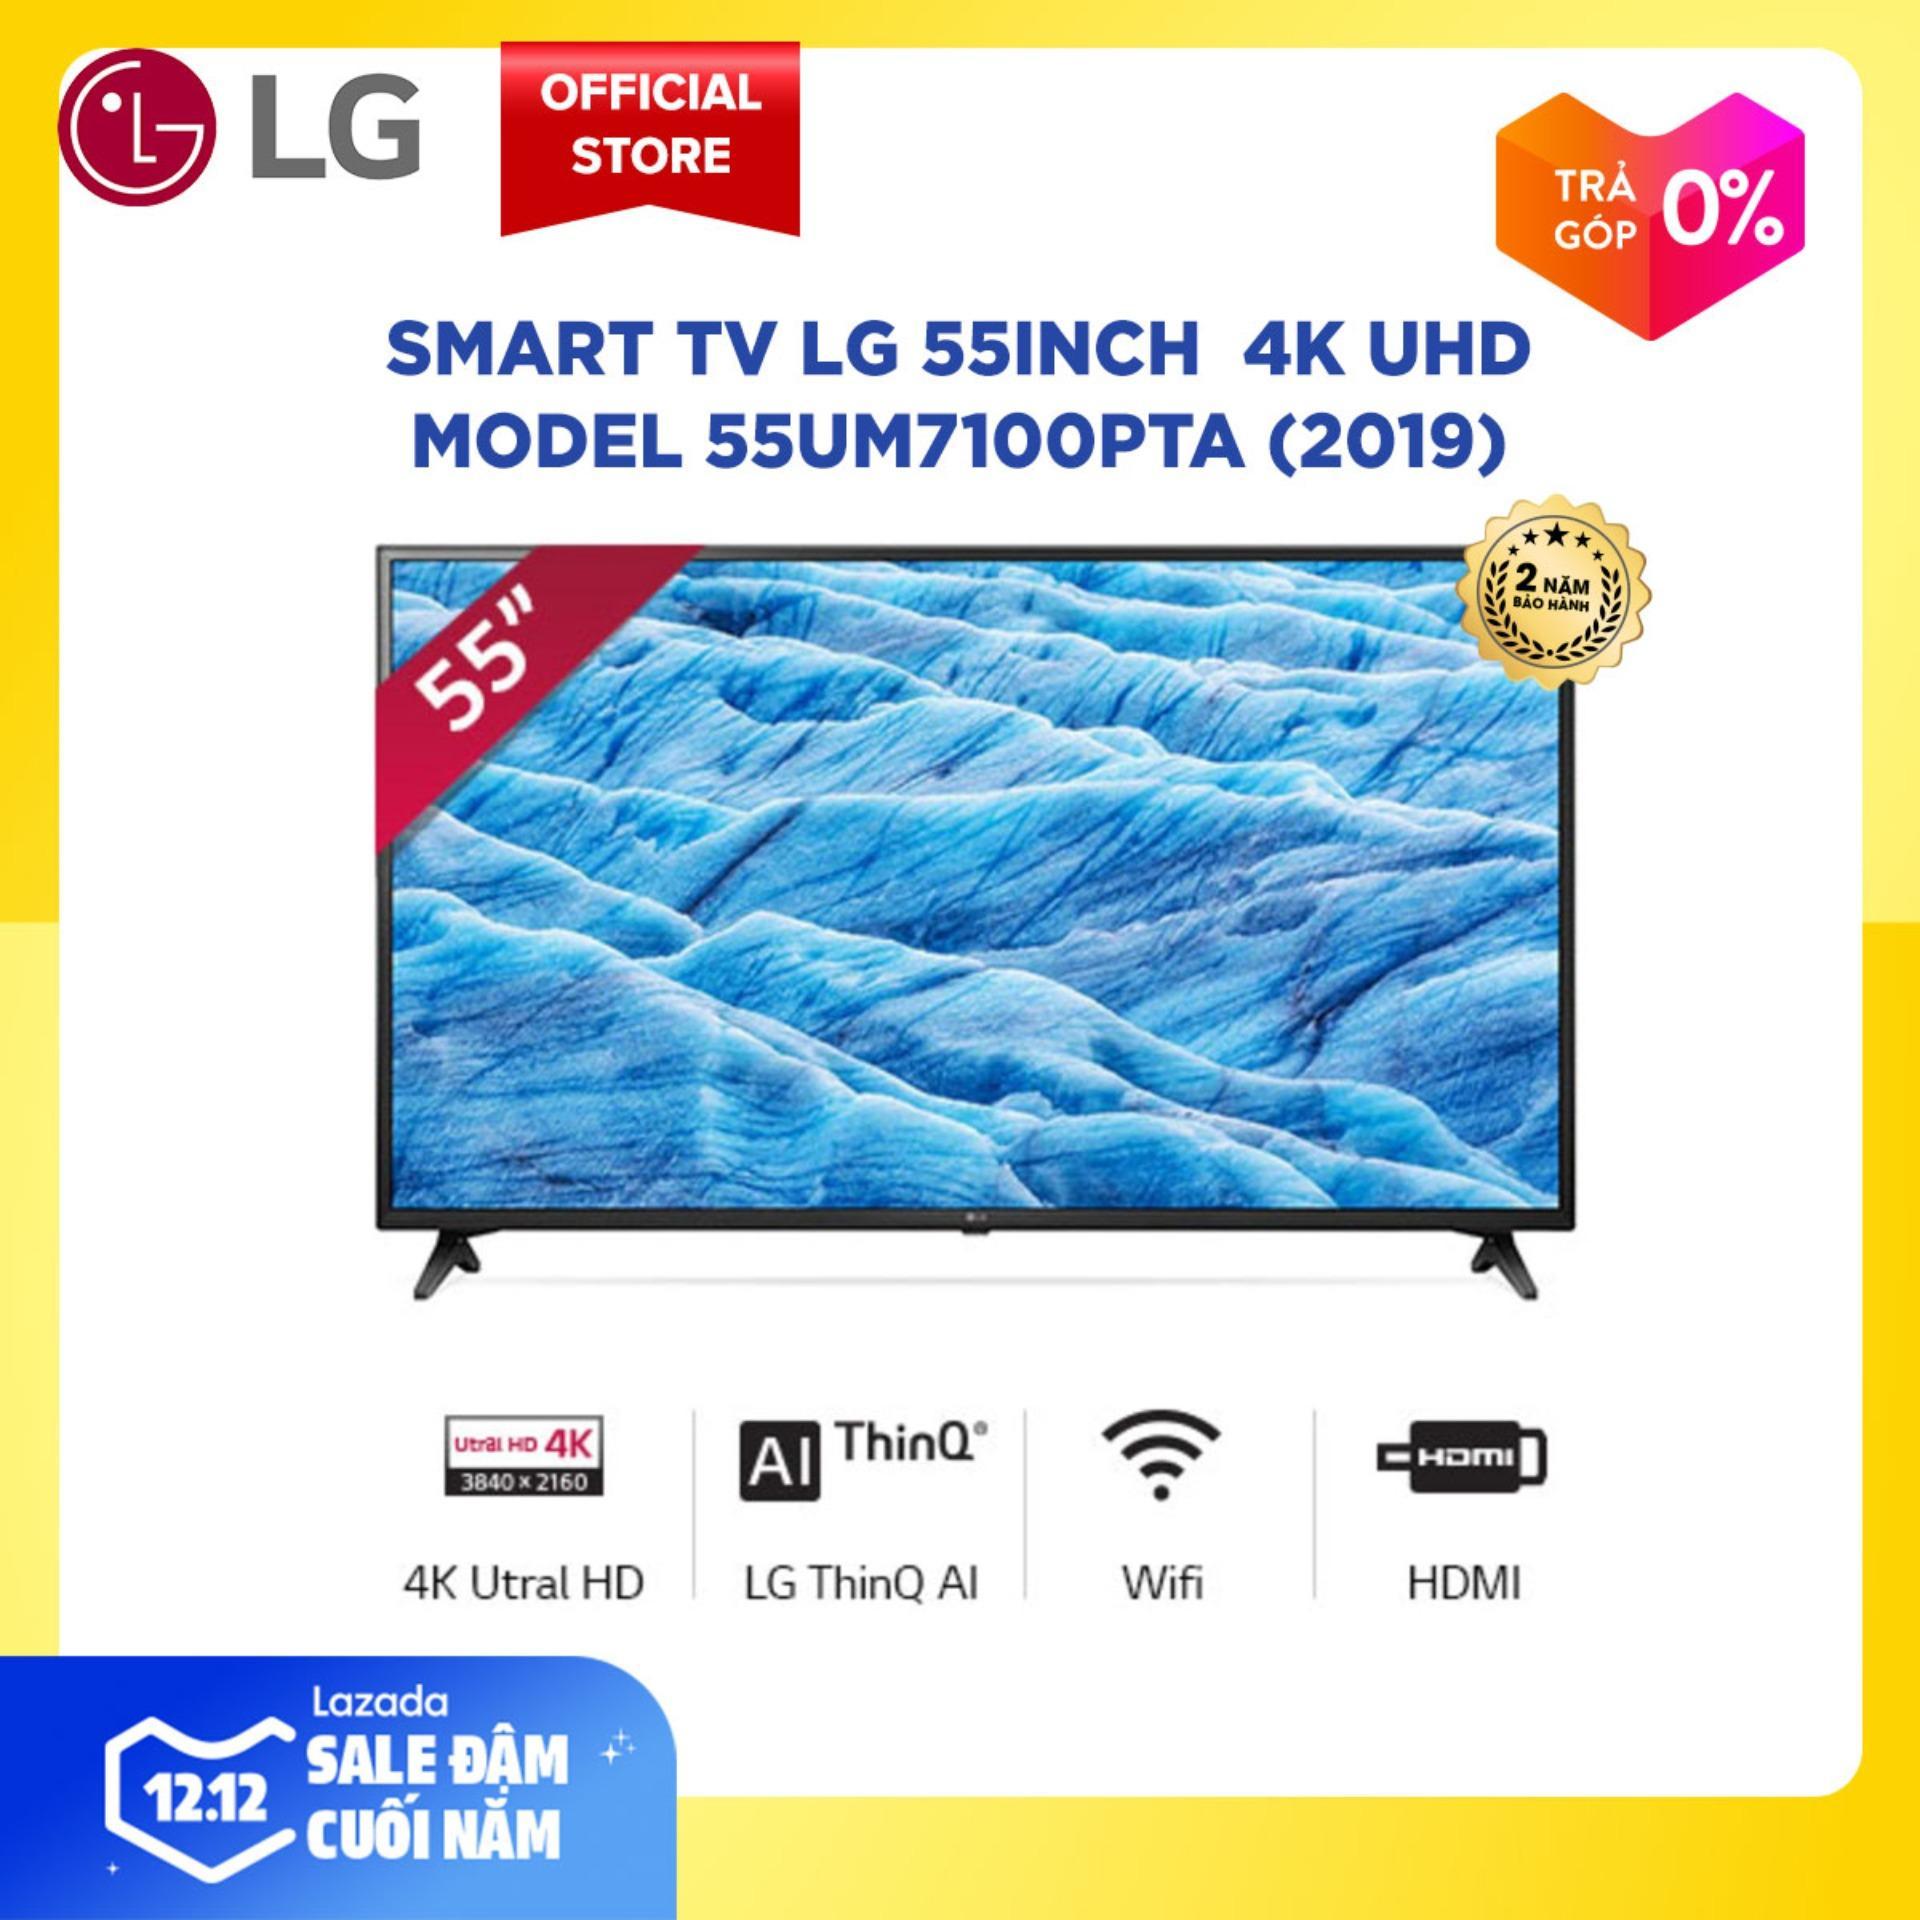 Giá Tiết Kiệm Để Sở Hữu Ngay Smart TV LG 55inch 4K UHD - Model 55UM7100PTA (2019) độ Phân Giải 3840x2160, Hệ điều Hành WebOS 4.0, Trí Tuệ Nhân Tạo AI  - Hãng Phân Phối Chính Thức